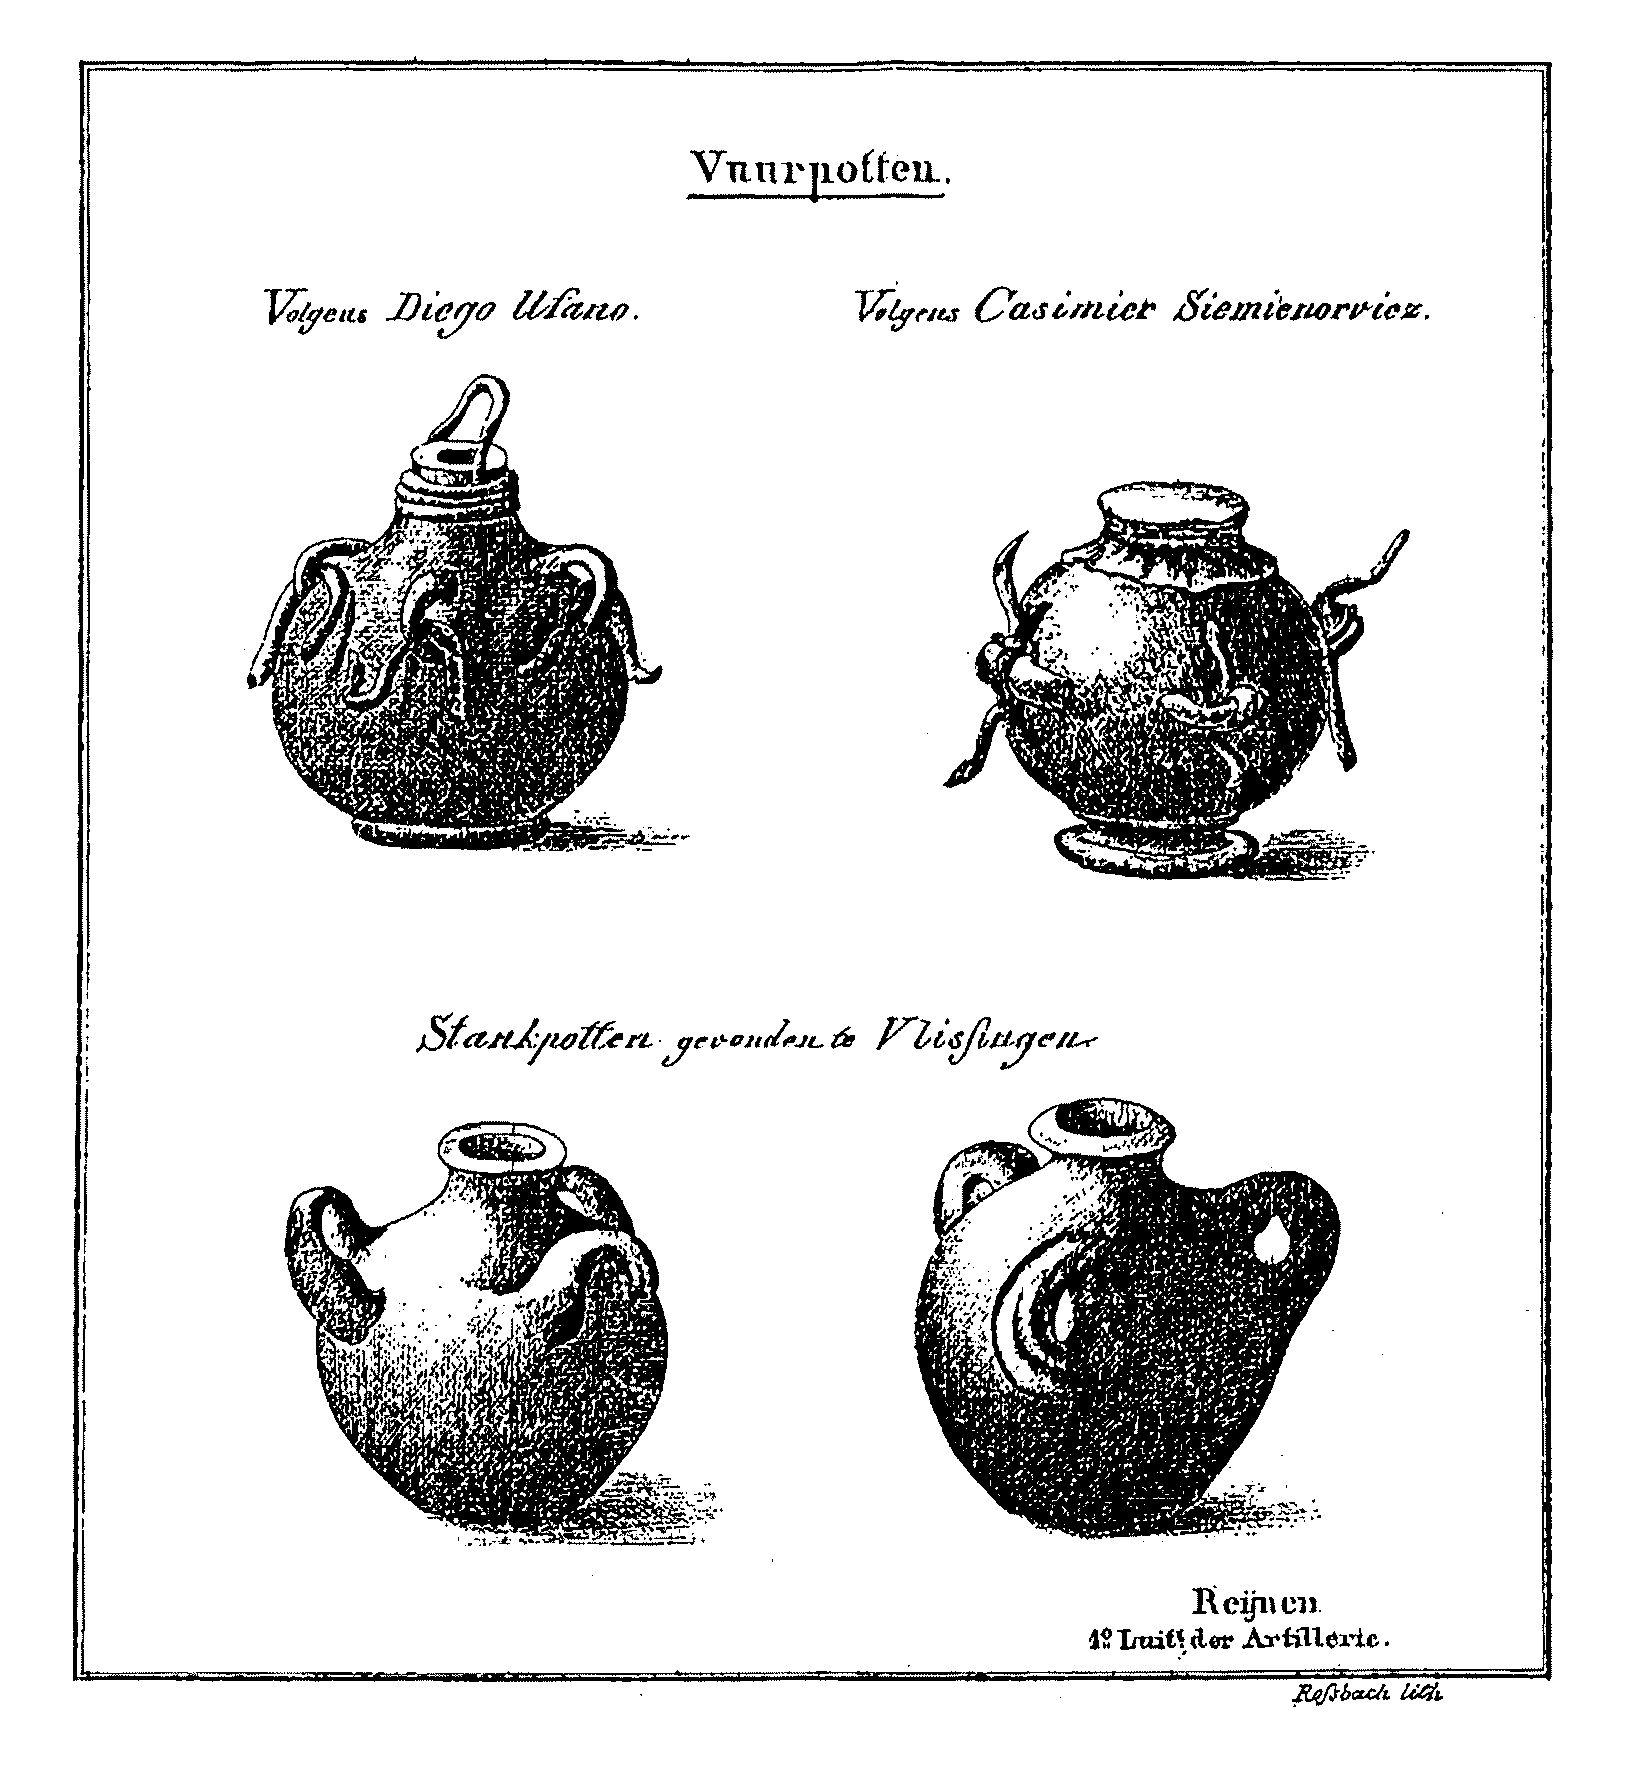 Negentiende-eeuwse afbeelding van stank- of 'vuurpotten'.